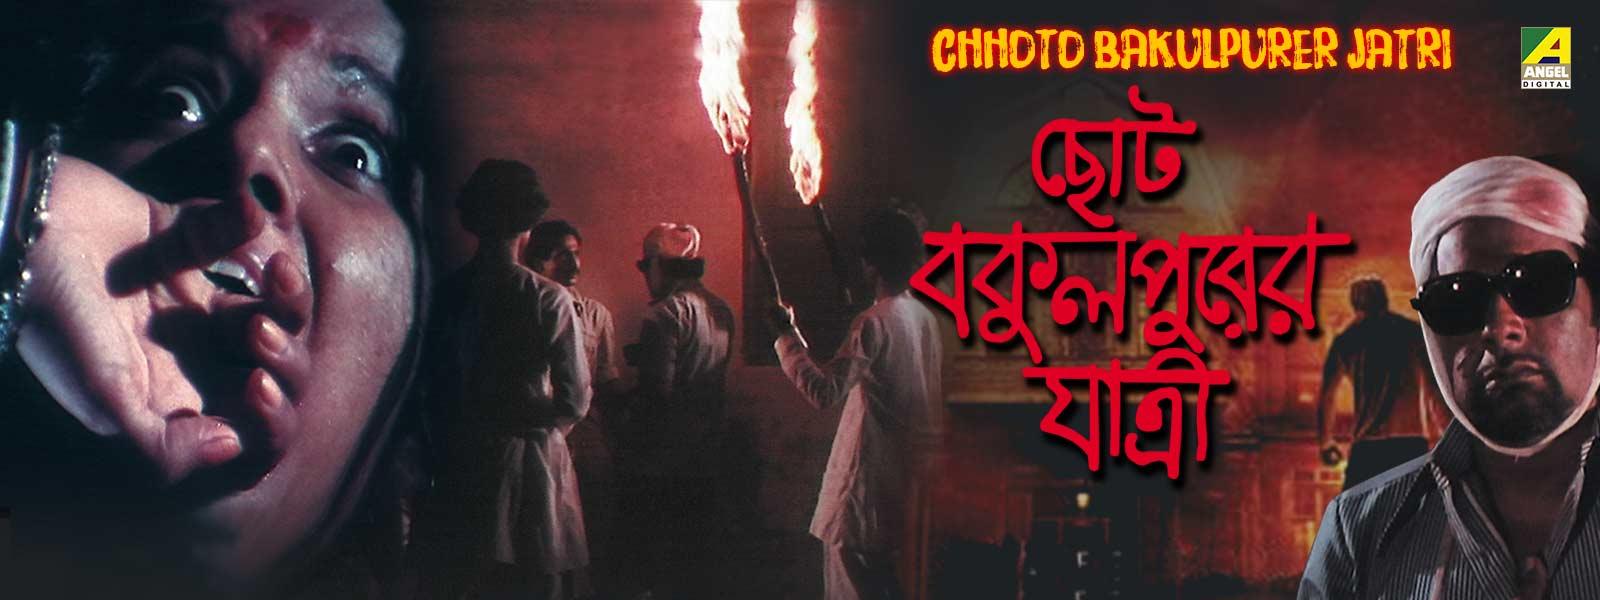 Watch Choto Bakulpurer Jatri full movie Online - Eros Now